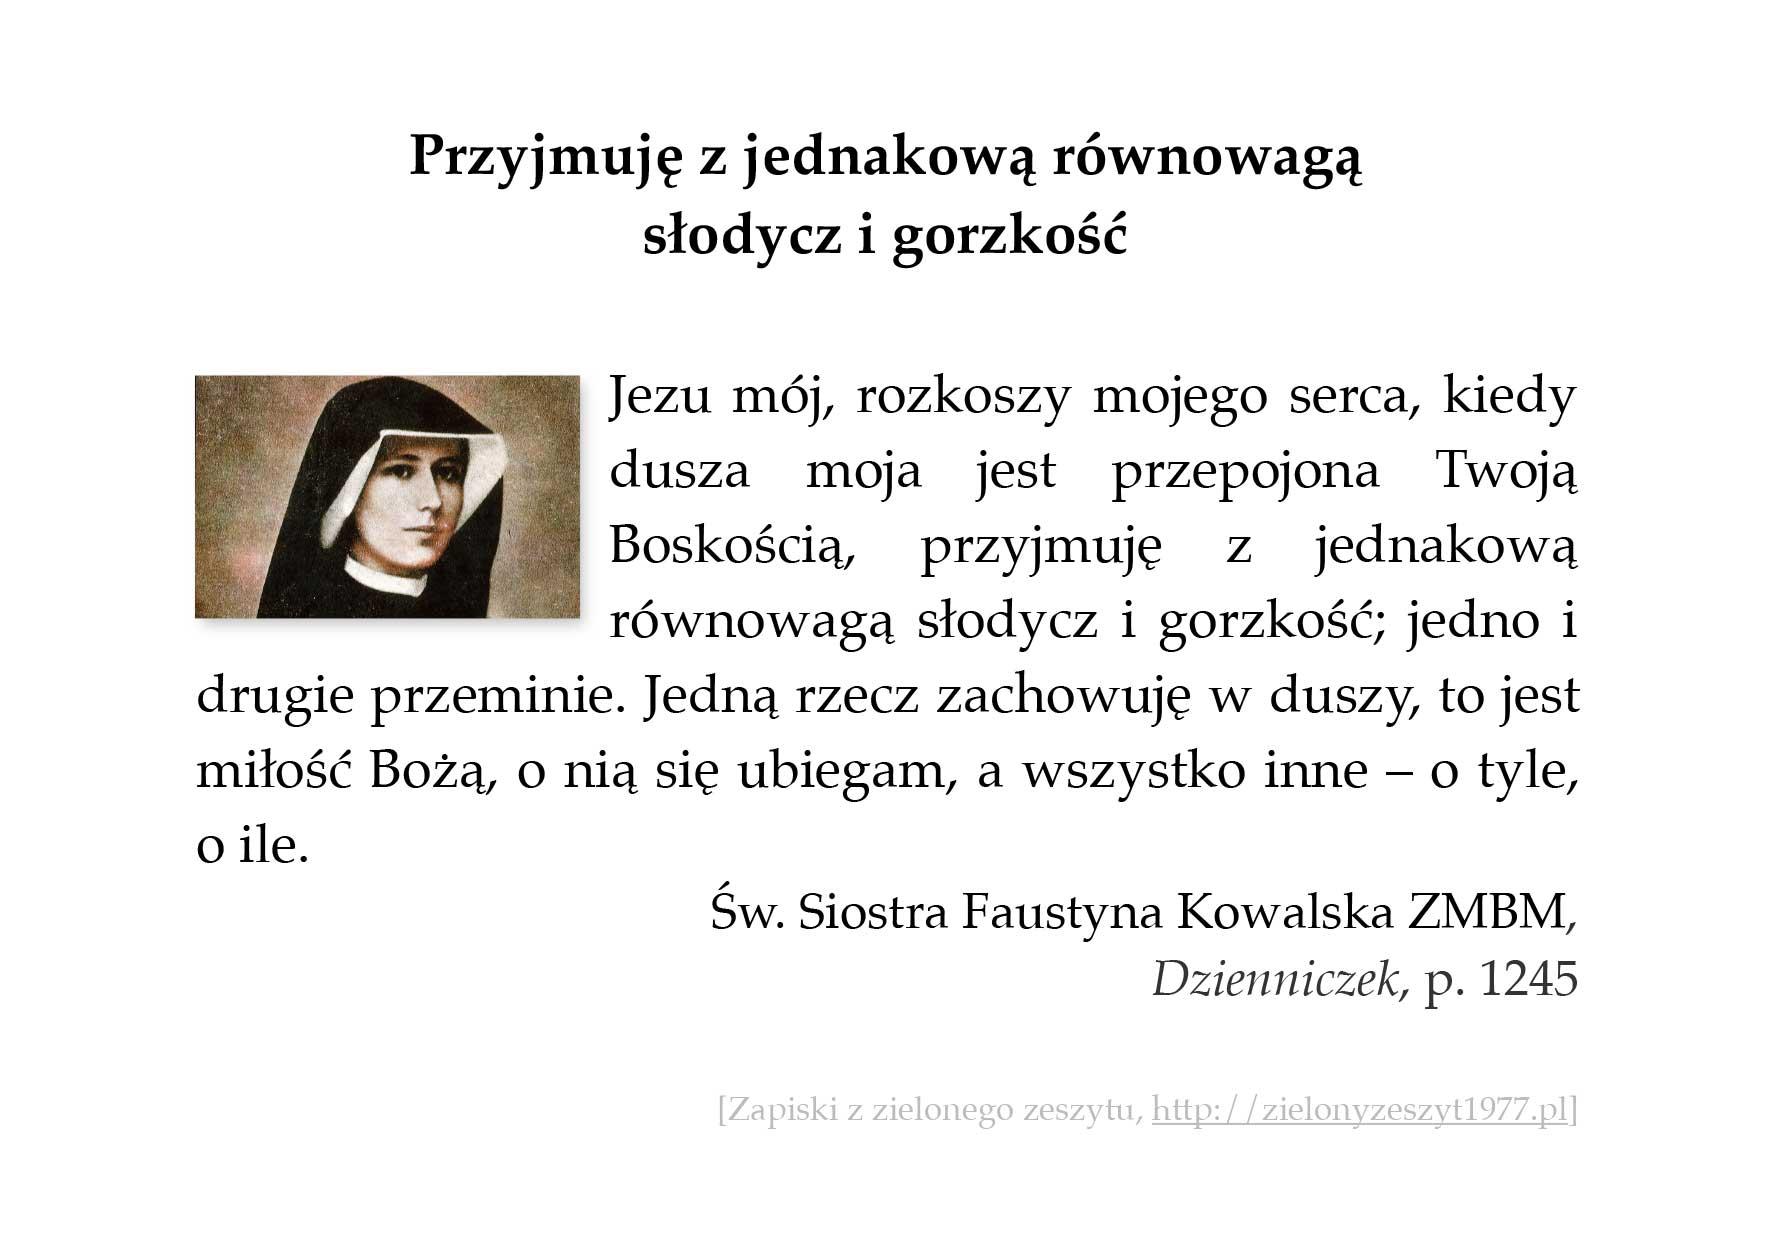 Przyjmuję z jednakową równowagą słodycz i gorzkość; św. Faustyna Kowalska